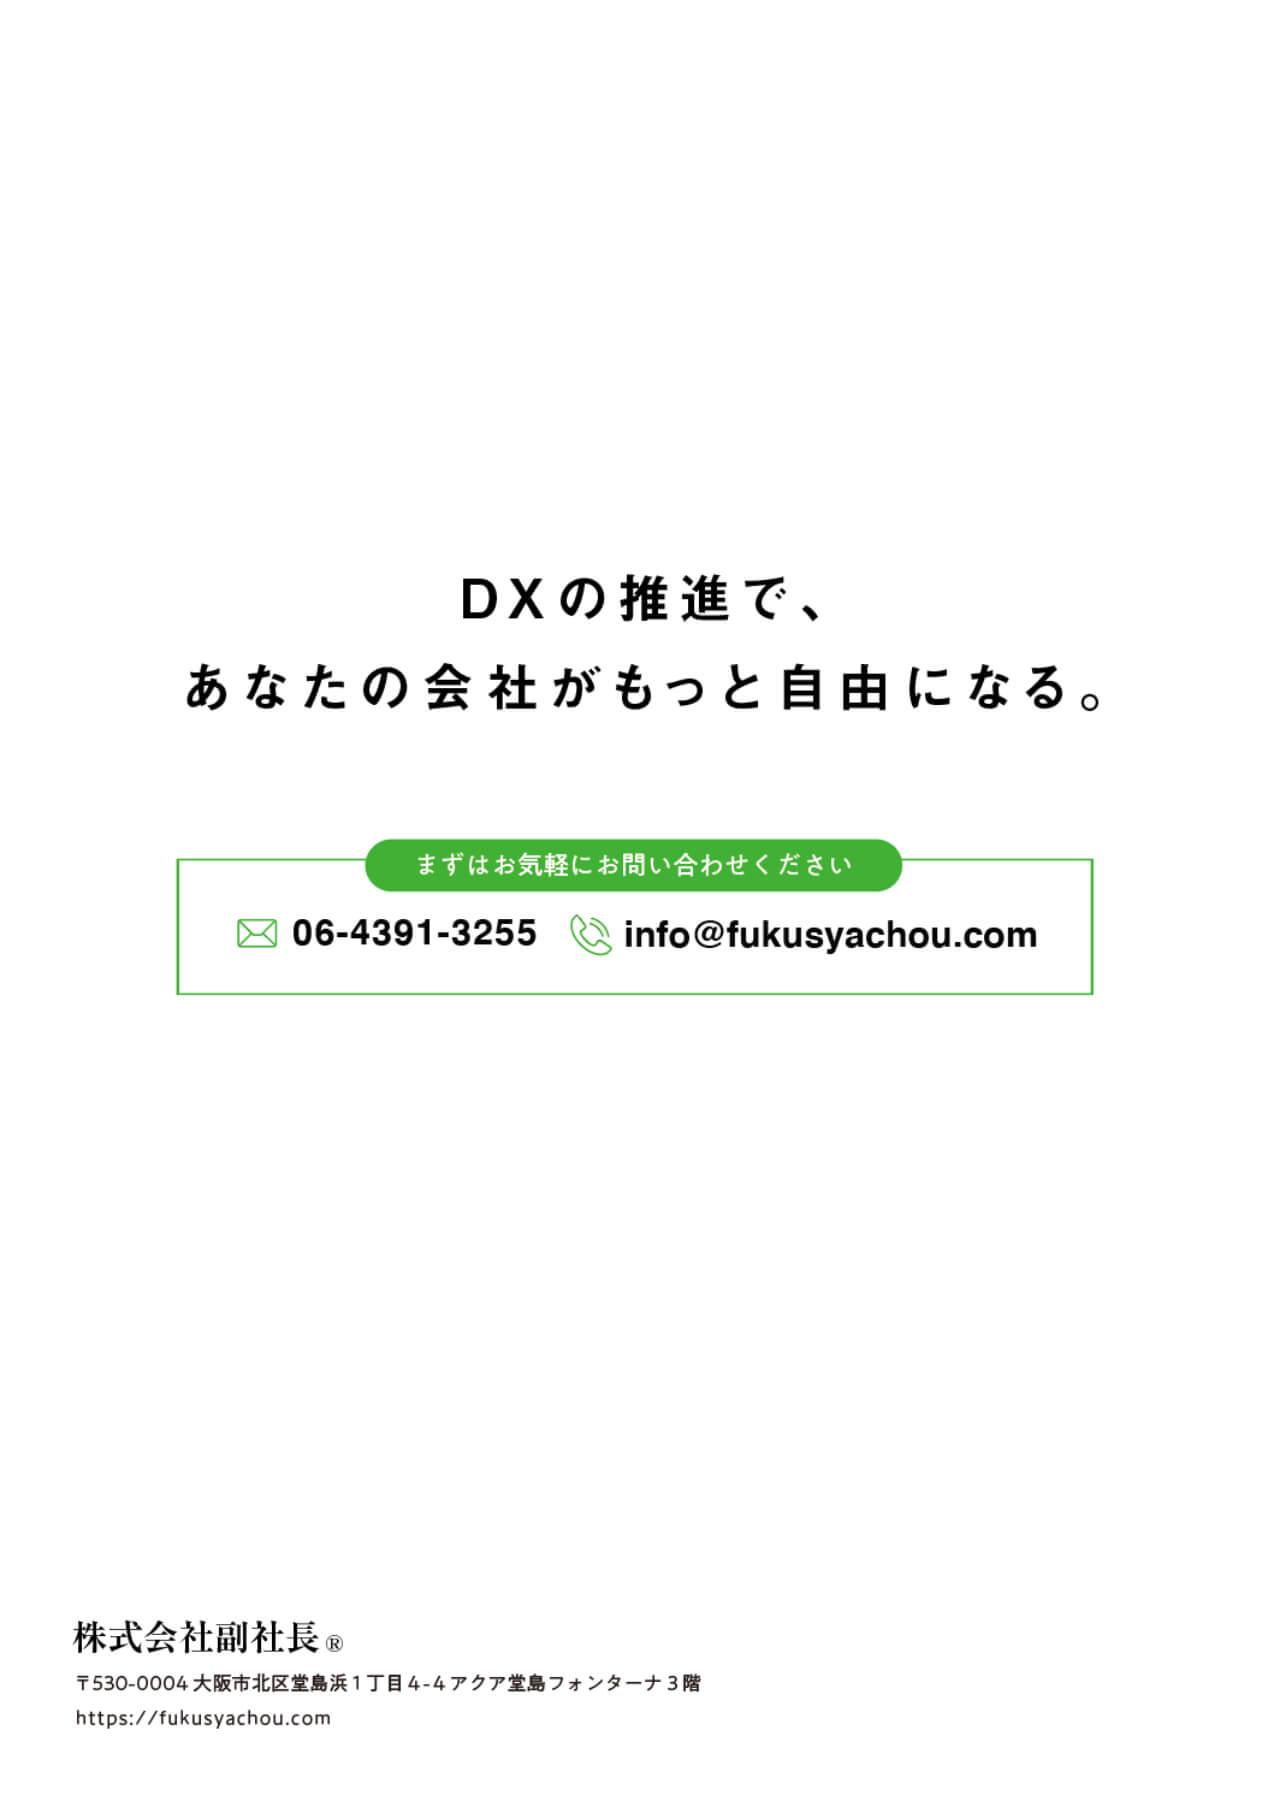 株式会社副社長Ⓡ様 DX推進サポートリーフレット